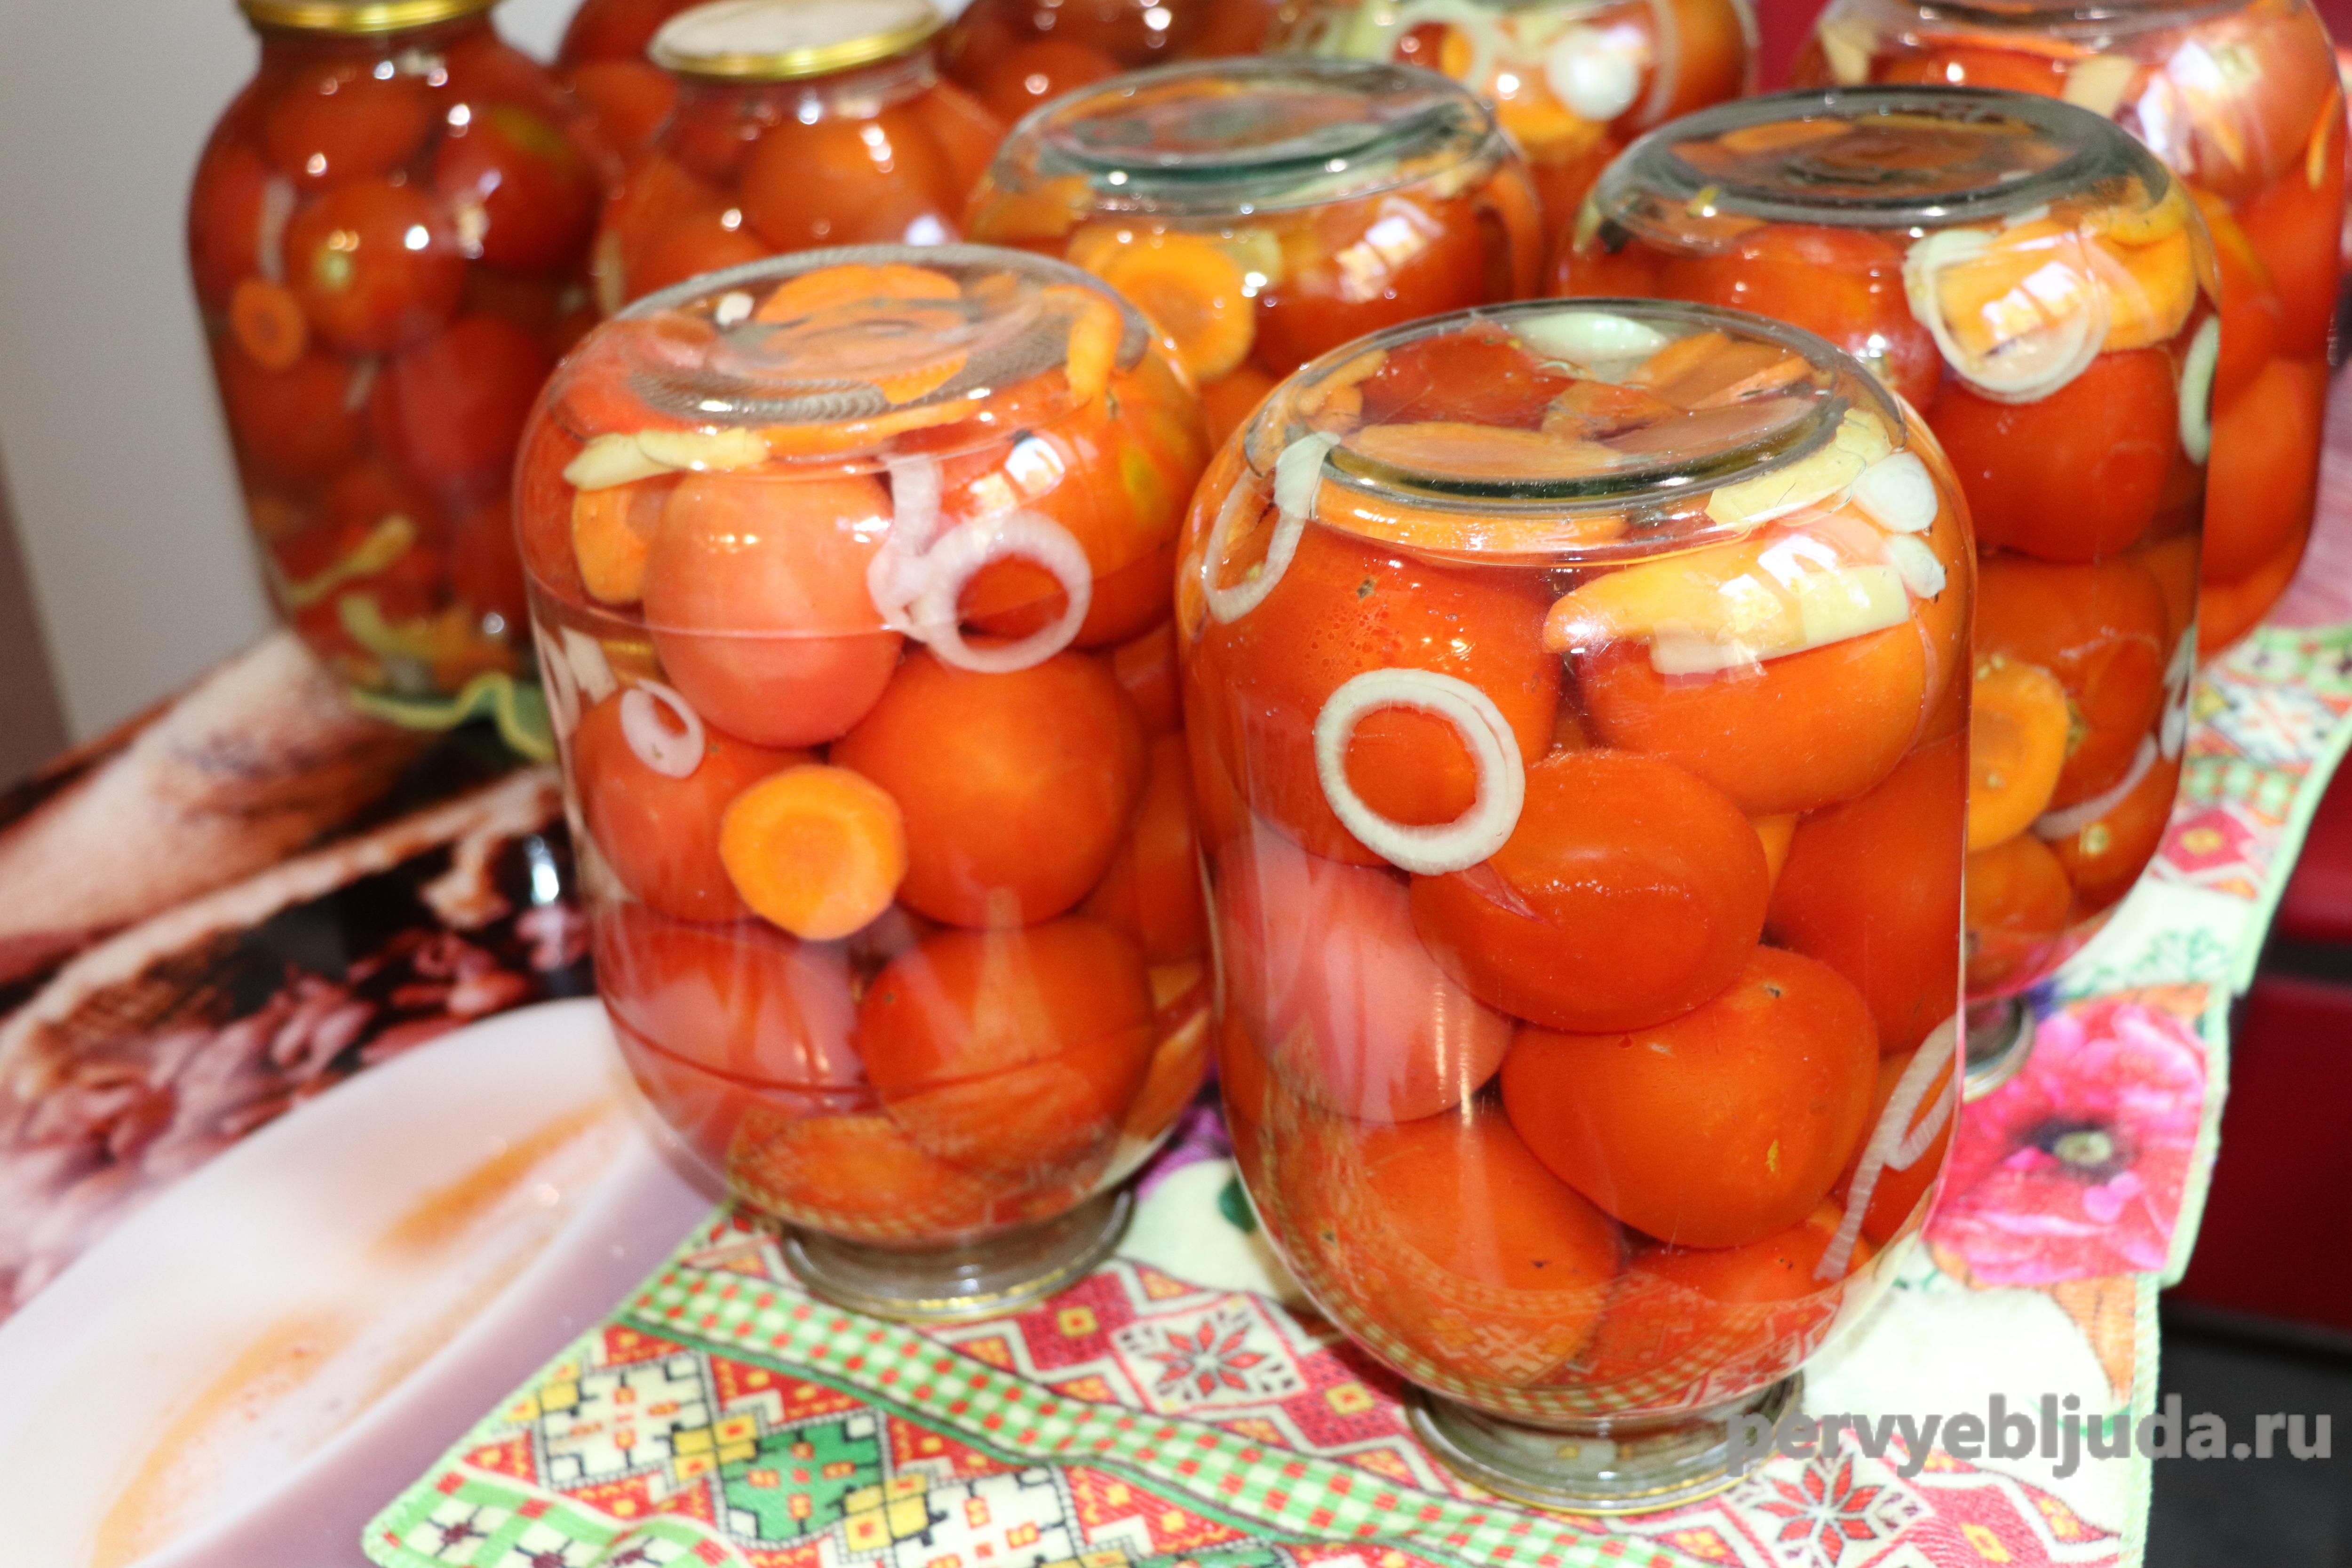 консервированные помидоры на зиму в трех литровых банках